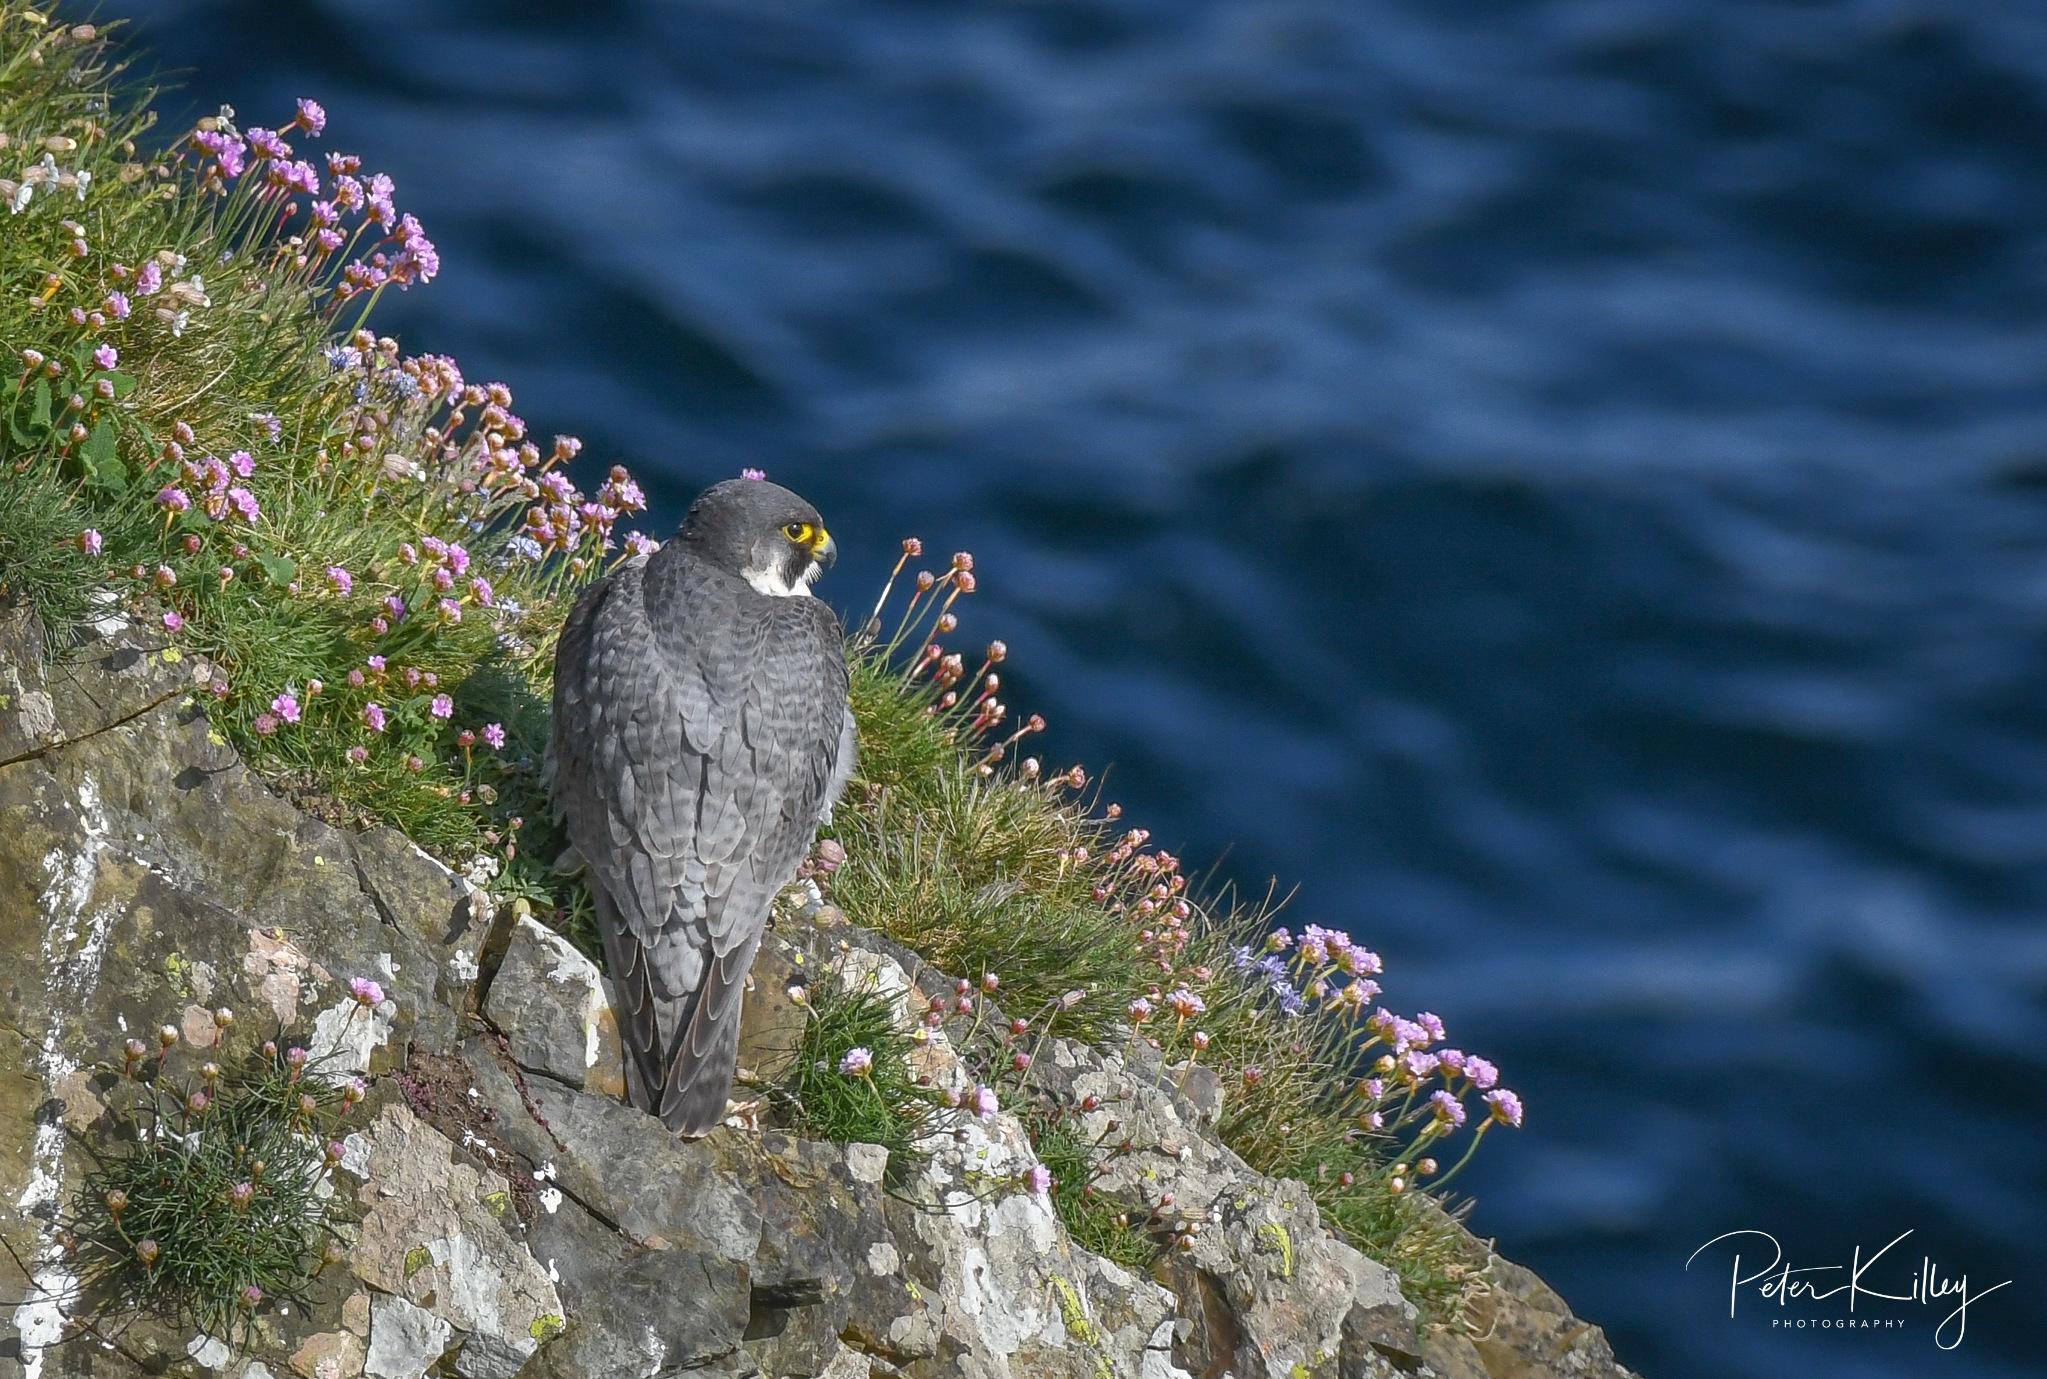 Male Peregrine Falcon © Peter Killey - www.manxscenes.com